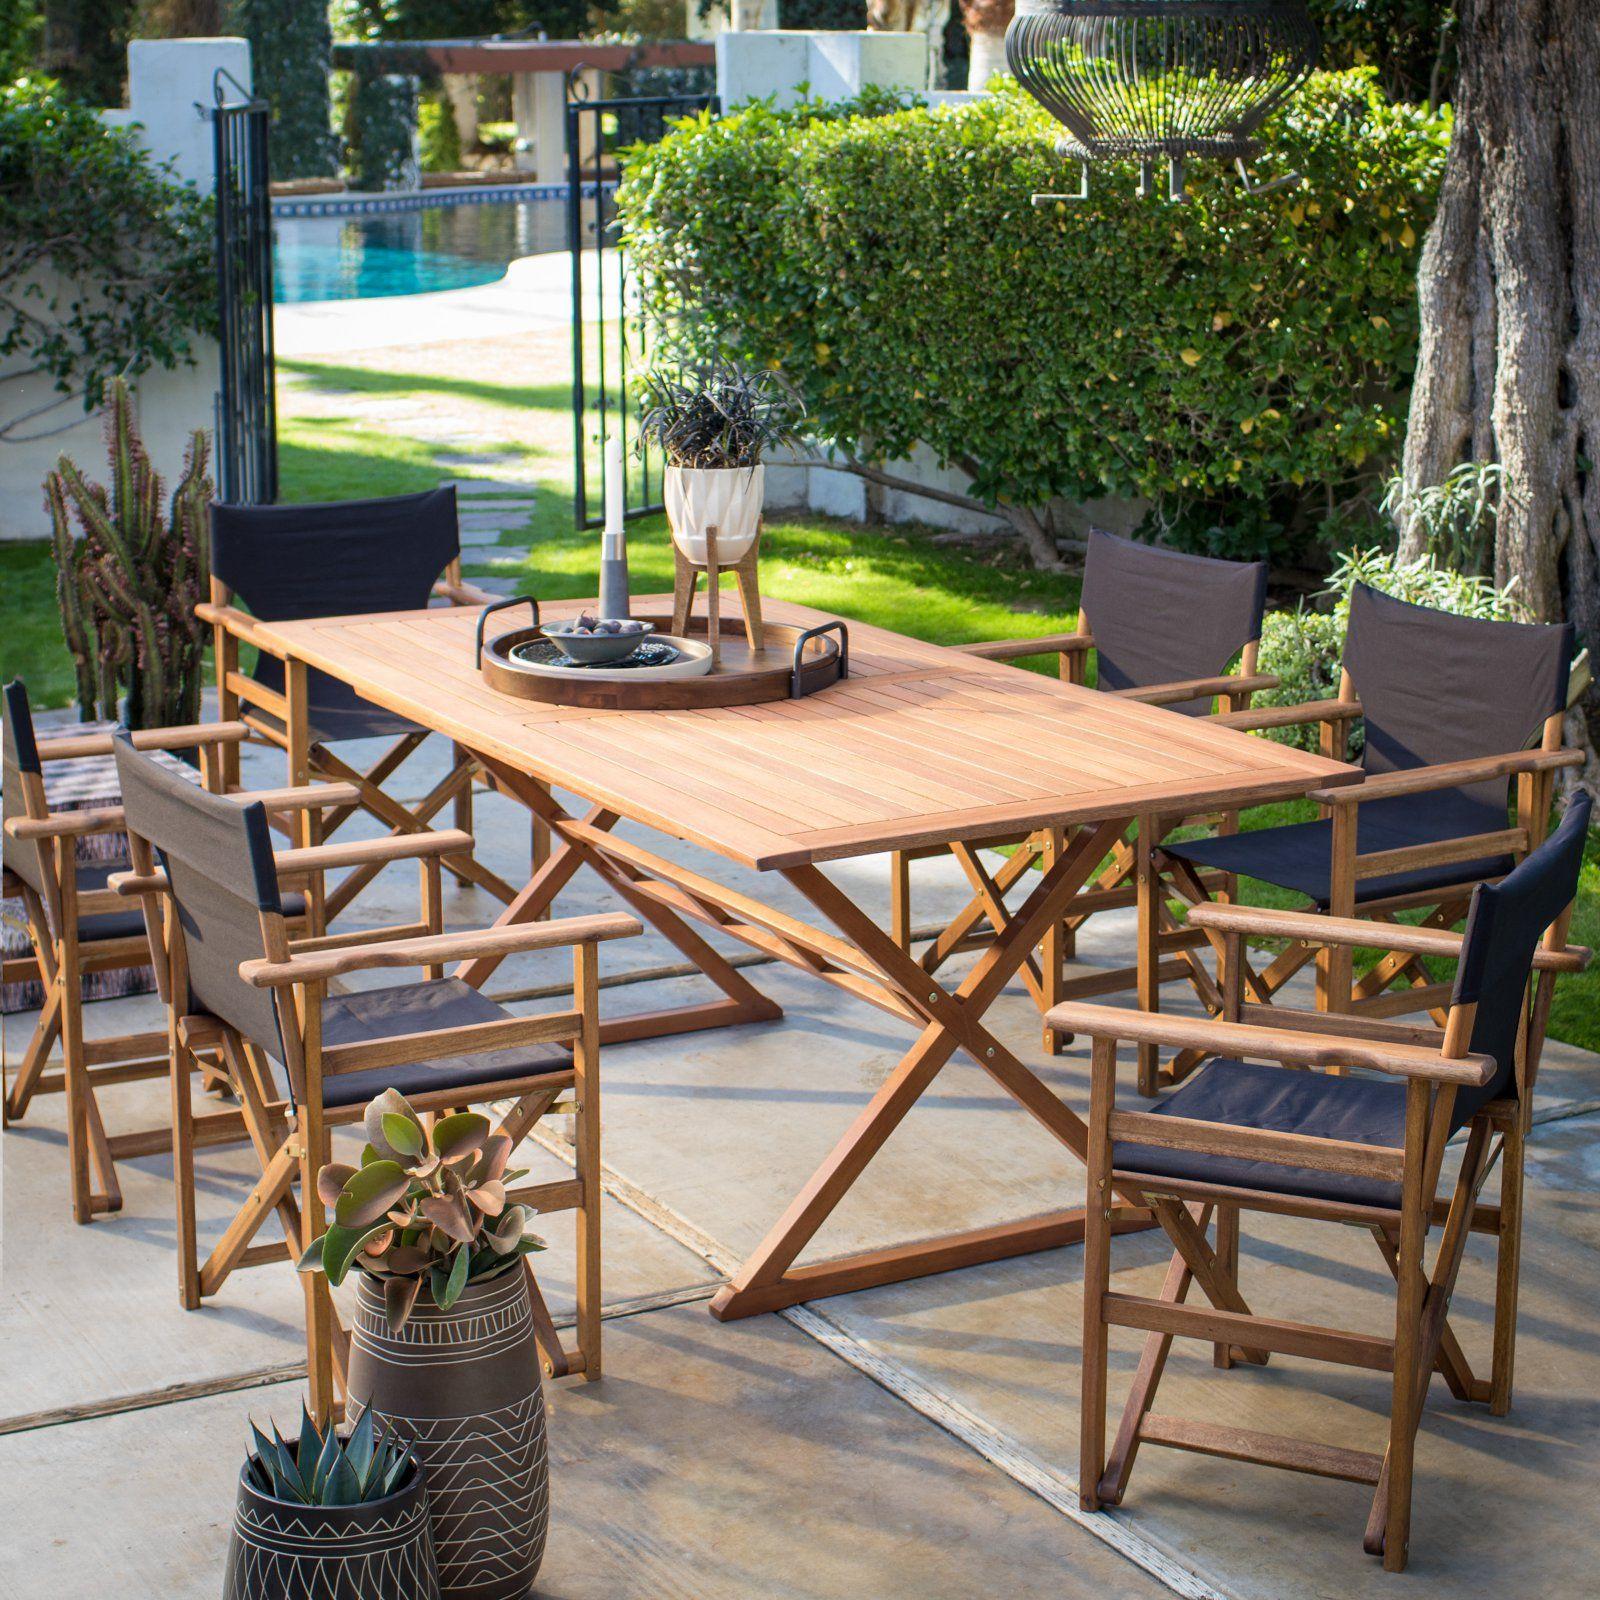 Brighton Patio Furniture.Belham Living Brighton Outdoor Patio Dining Set With Directors